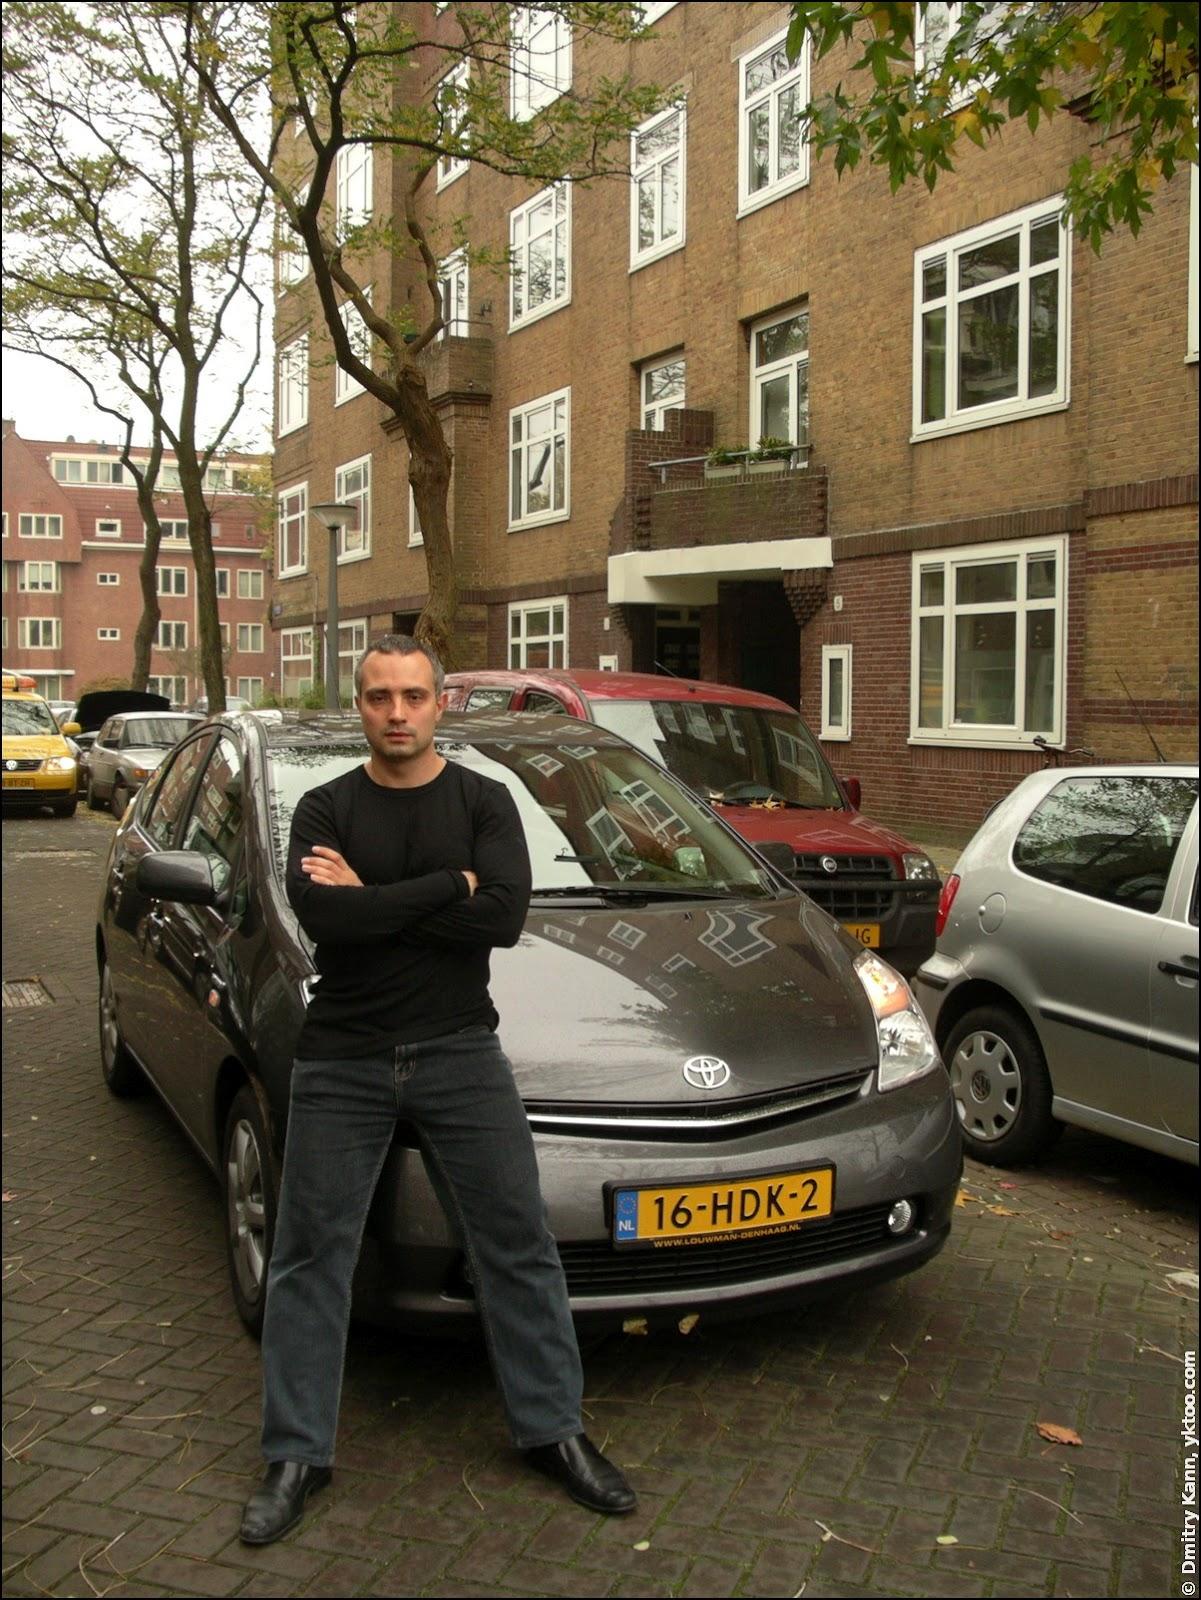 Toyota Prius 2009 with me posing.